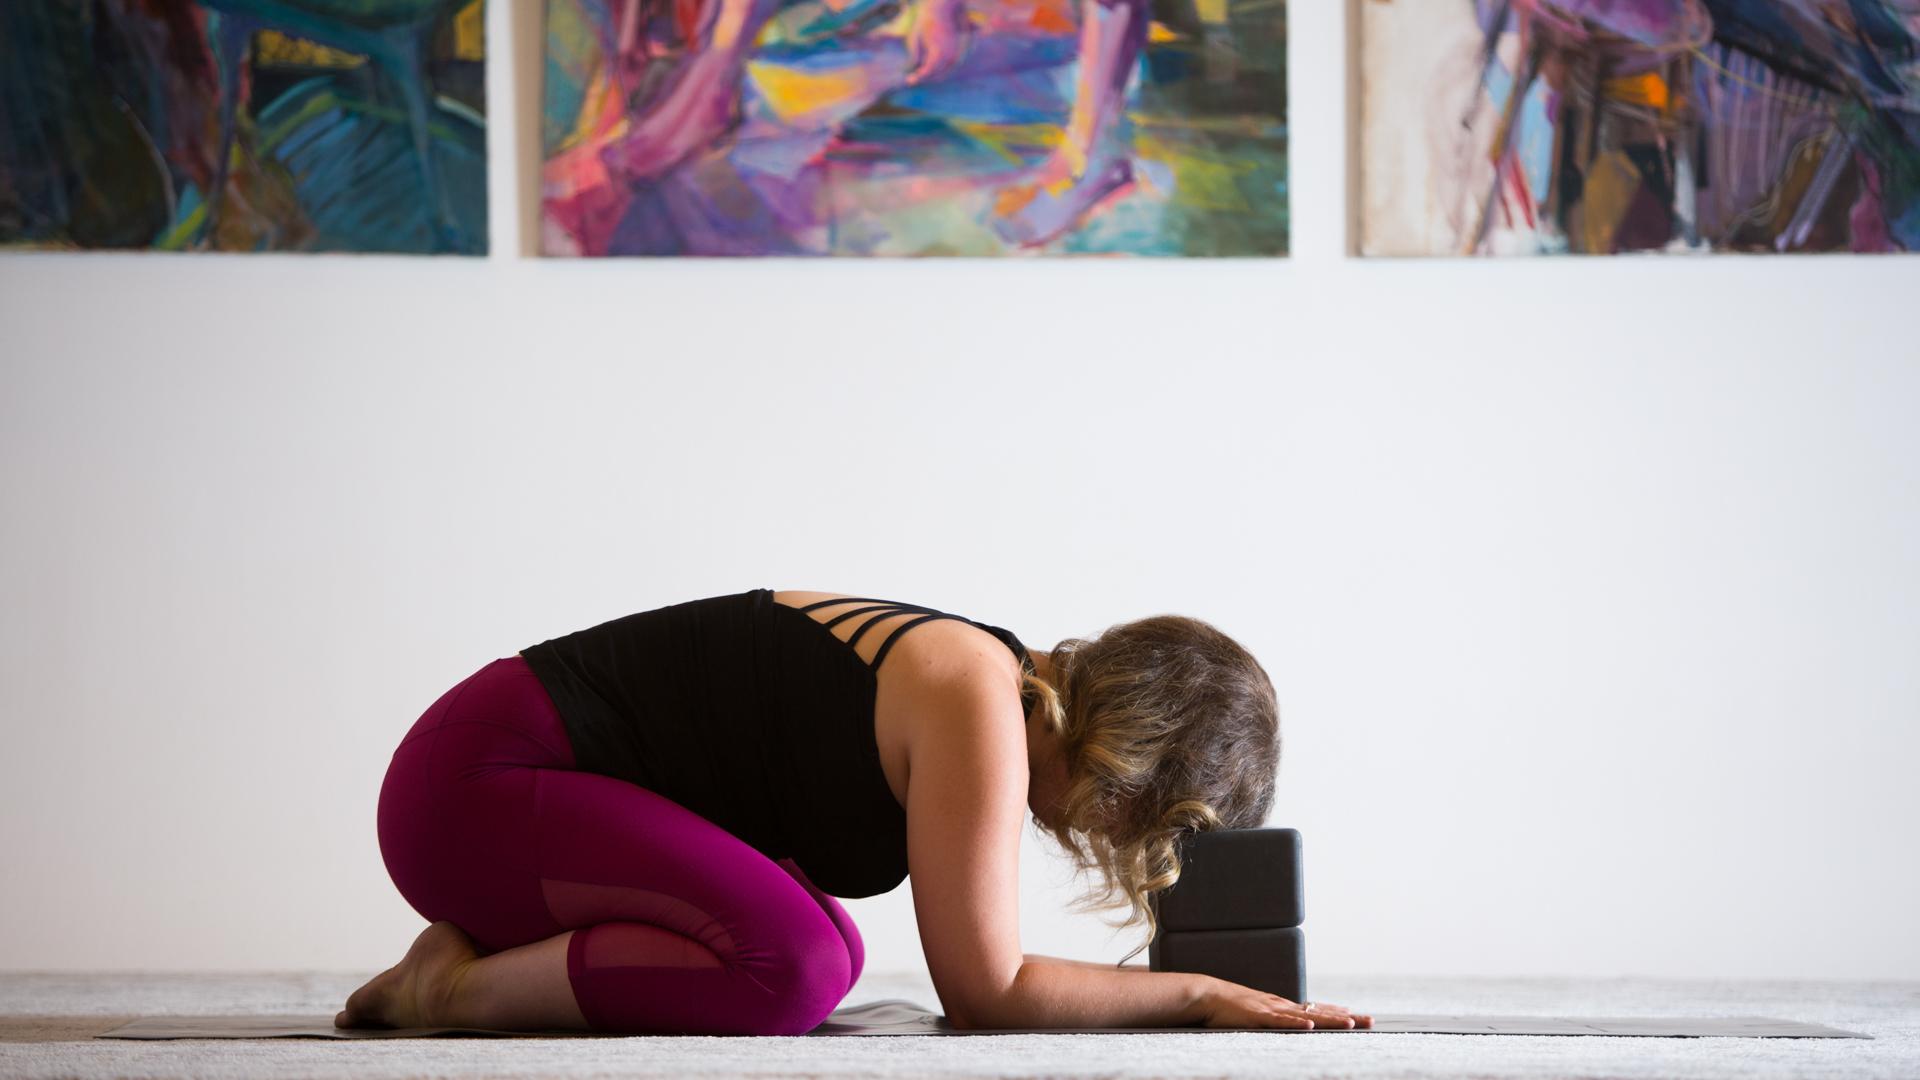 dụng cụ hỗ trợ tập yoga child pose